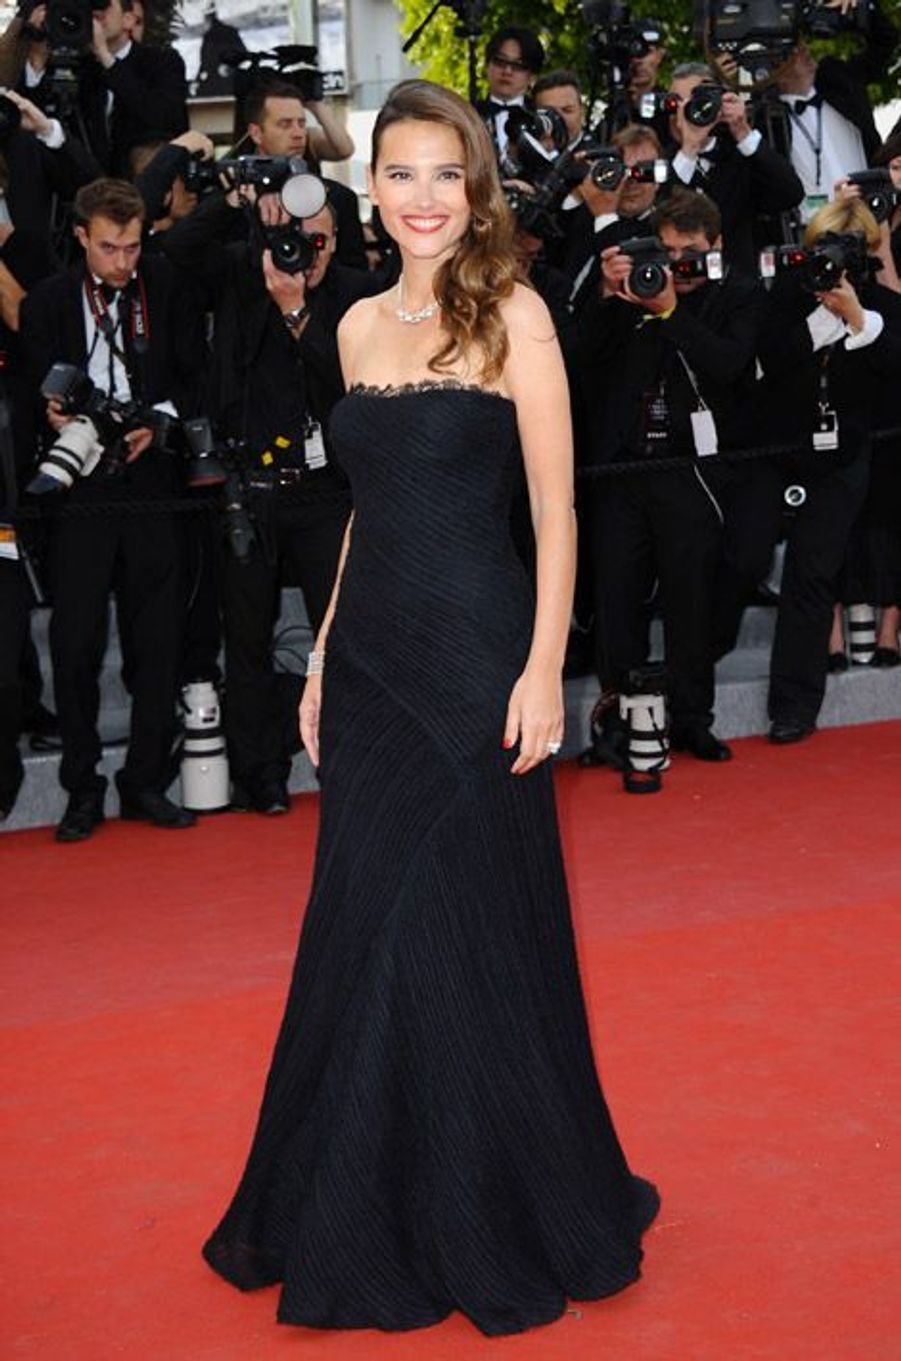 """En robe bustier noire pour la projection du film """"De Rouille et d'os"""" au festival de Cannes, le 17 mai 2012"""